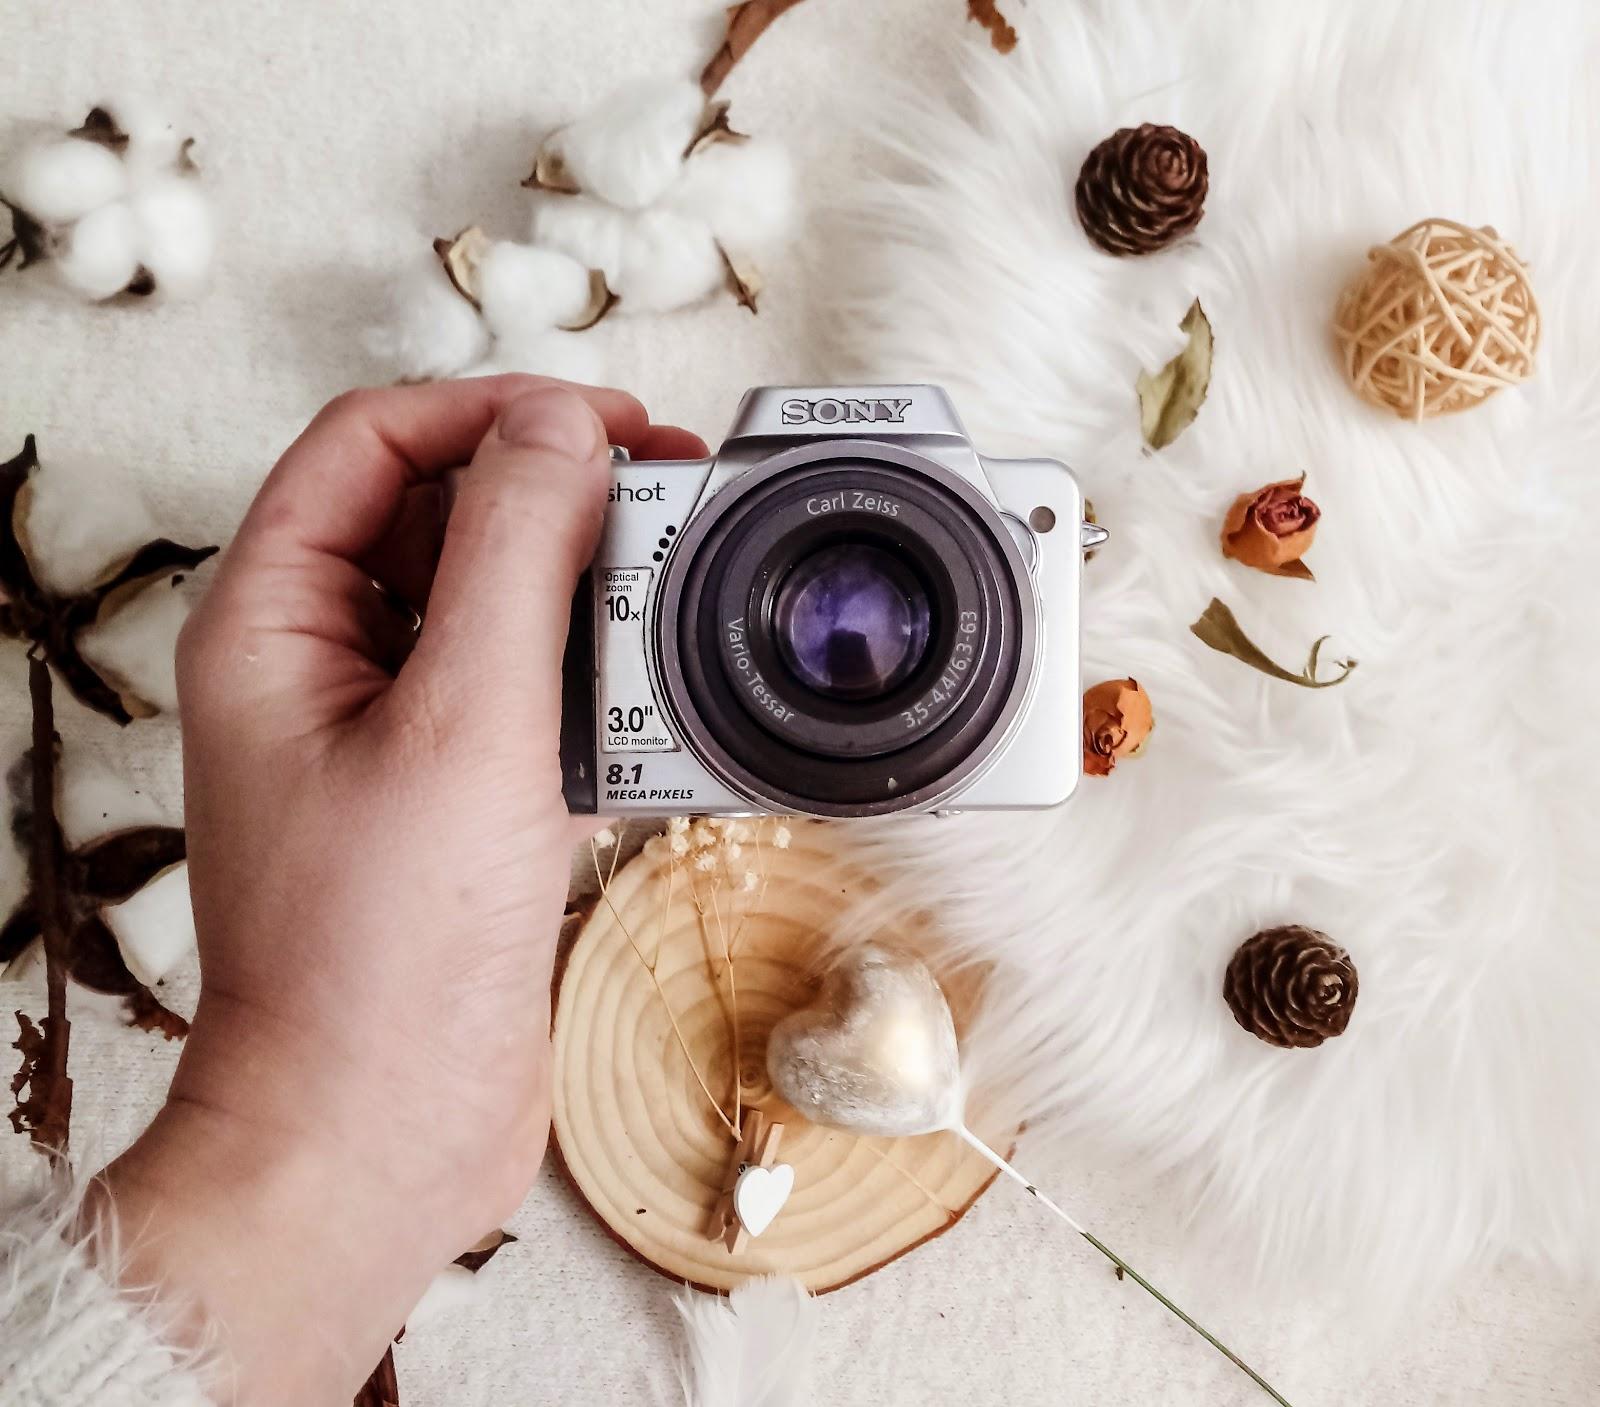 Treść na instagramie-czyli co pisać pod zdjęciami